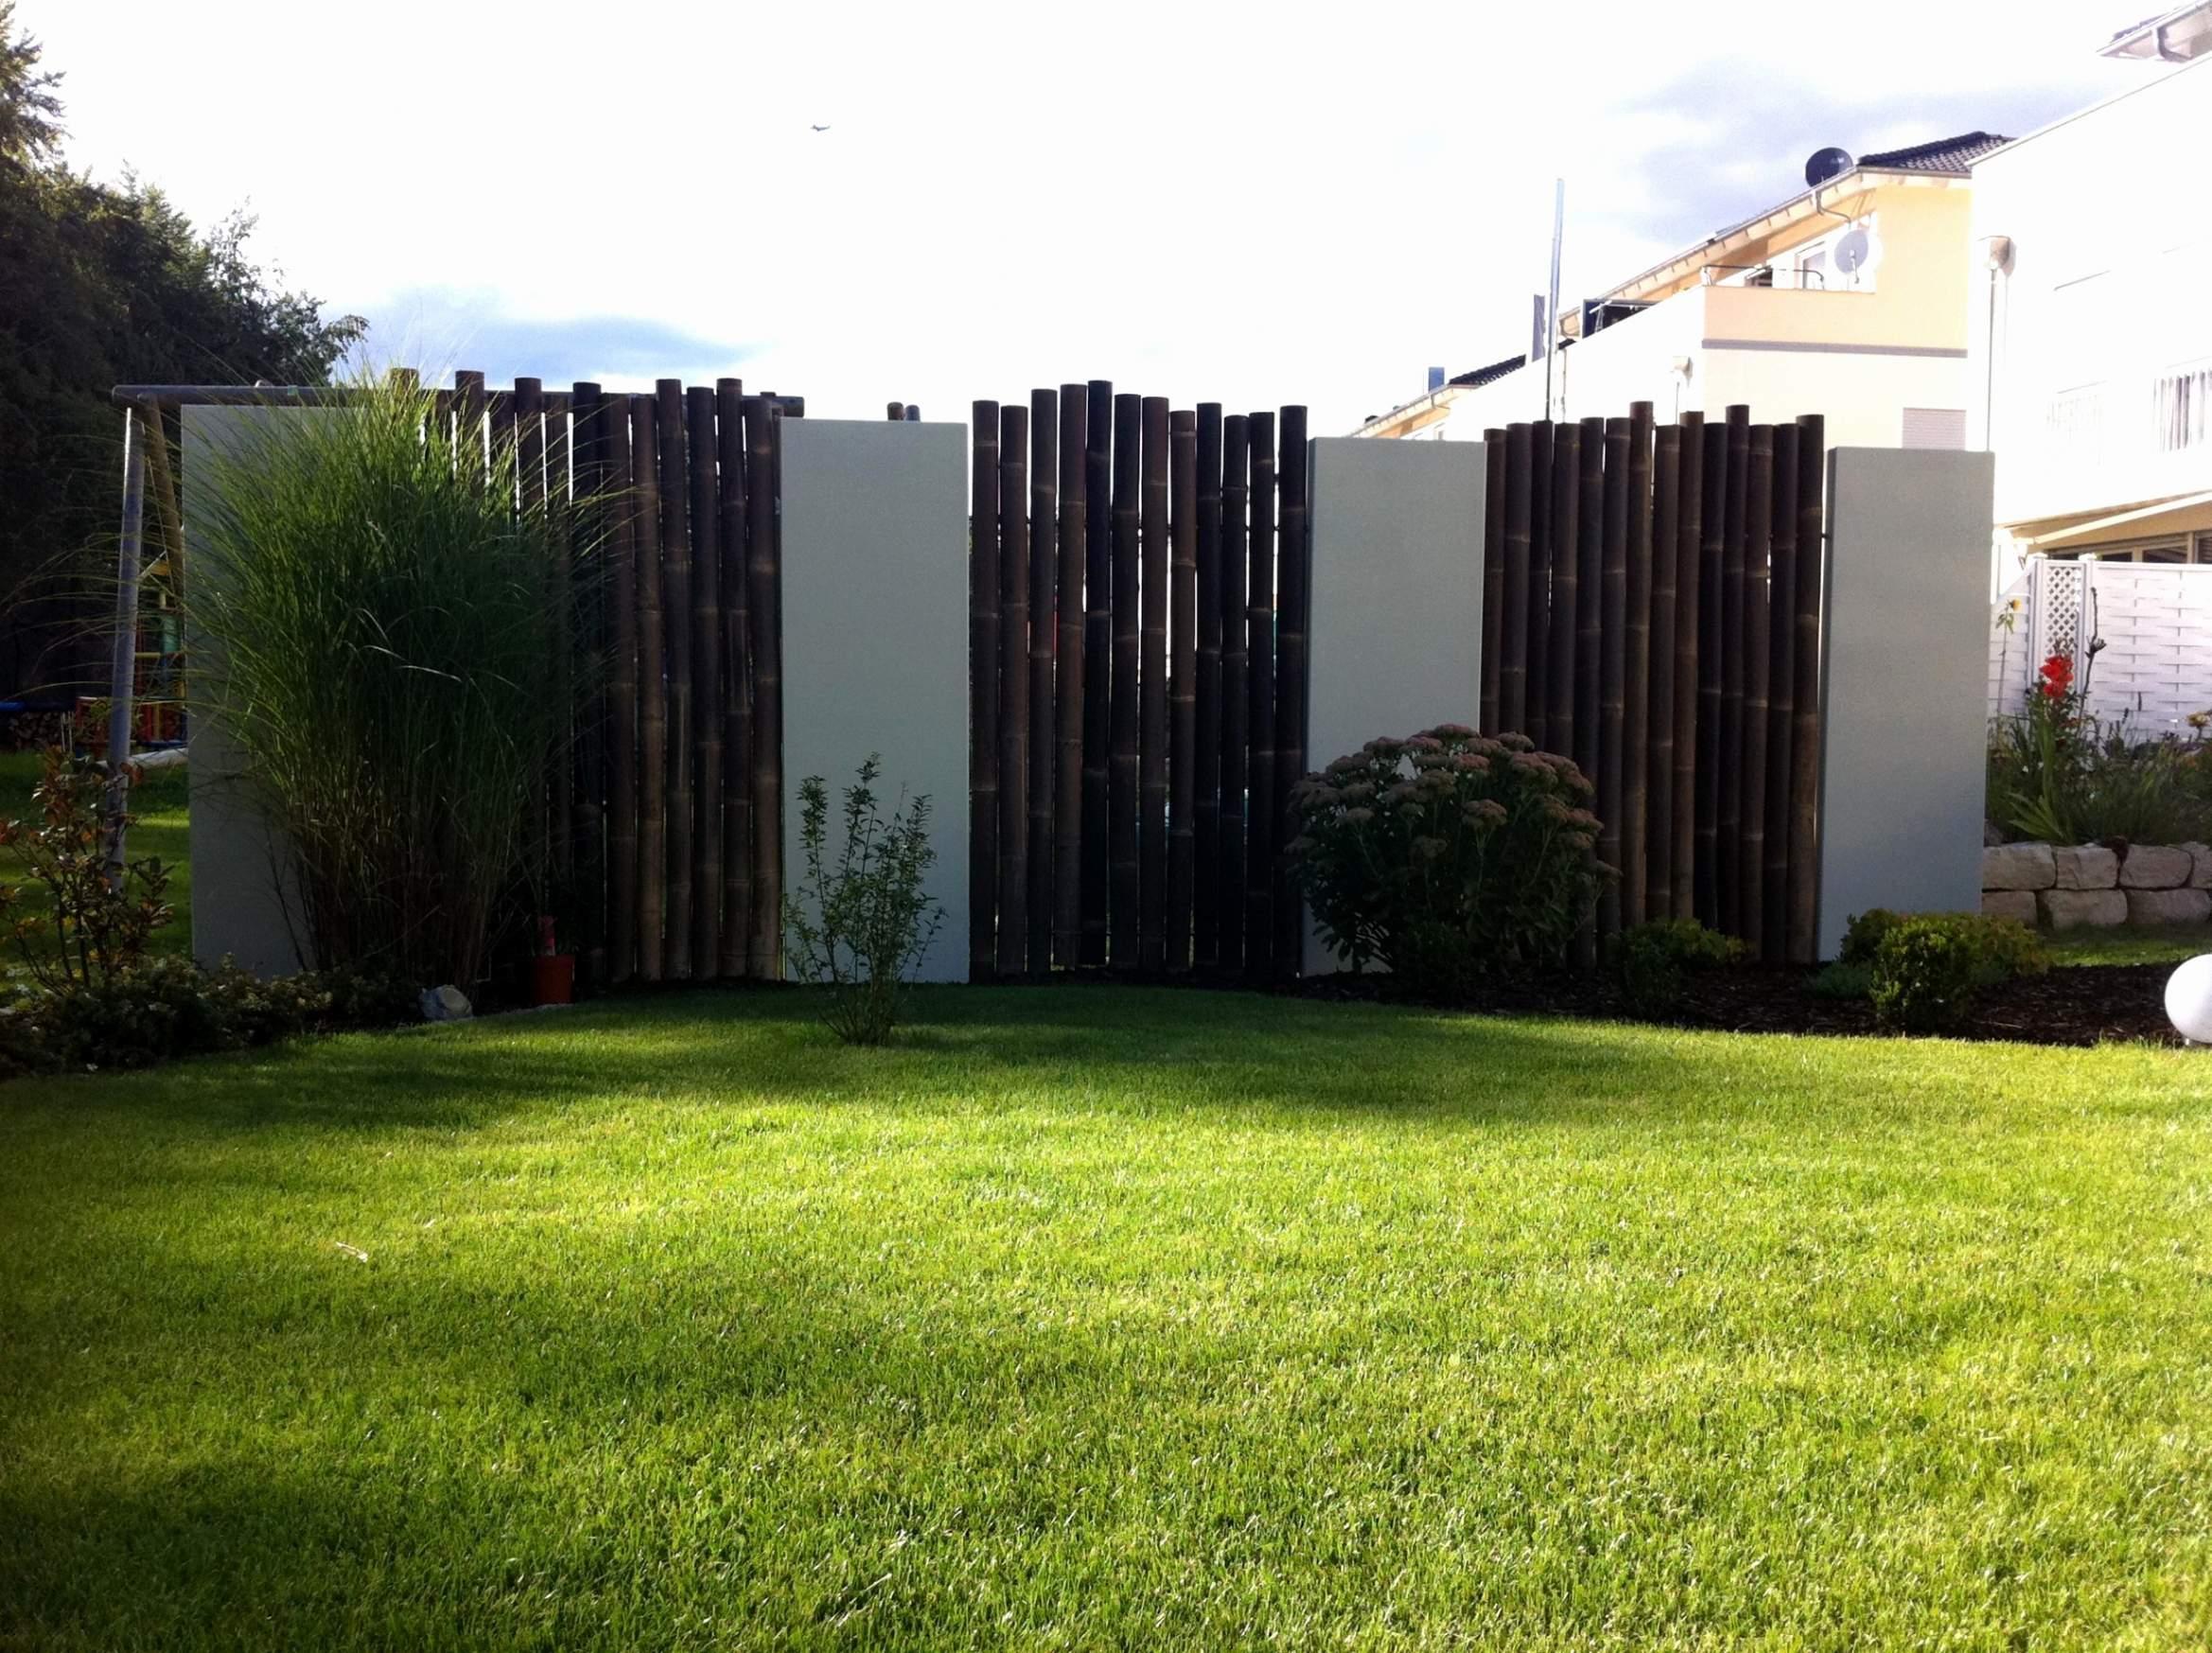 47 genial moderner garten sichtschutz sichtschutz pflanzen terrasse sichtschutz pflanzen terrasse